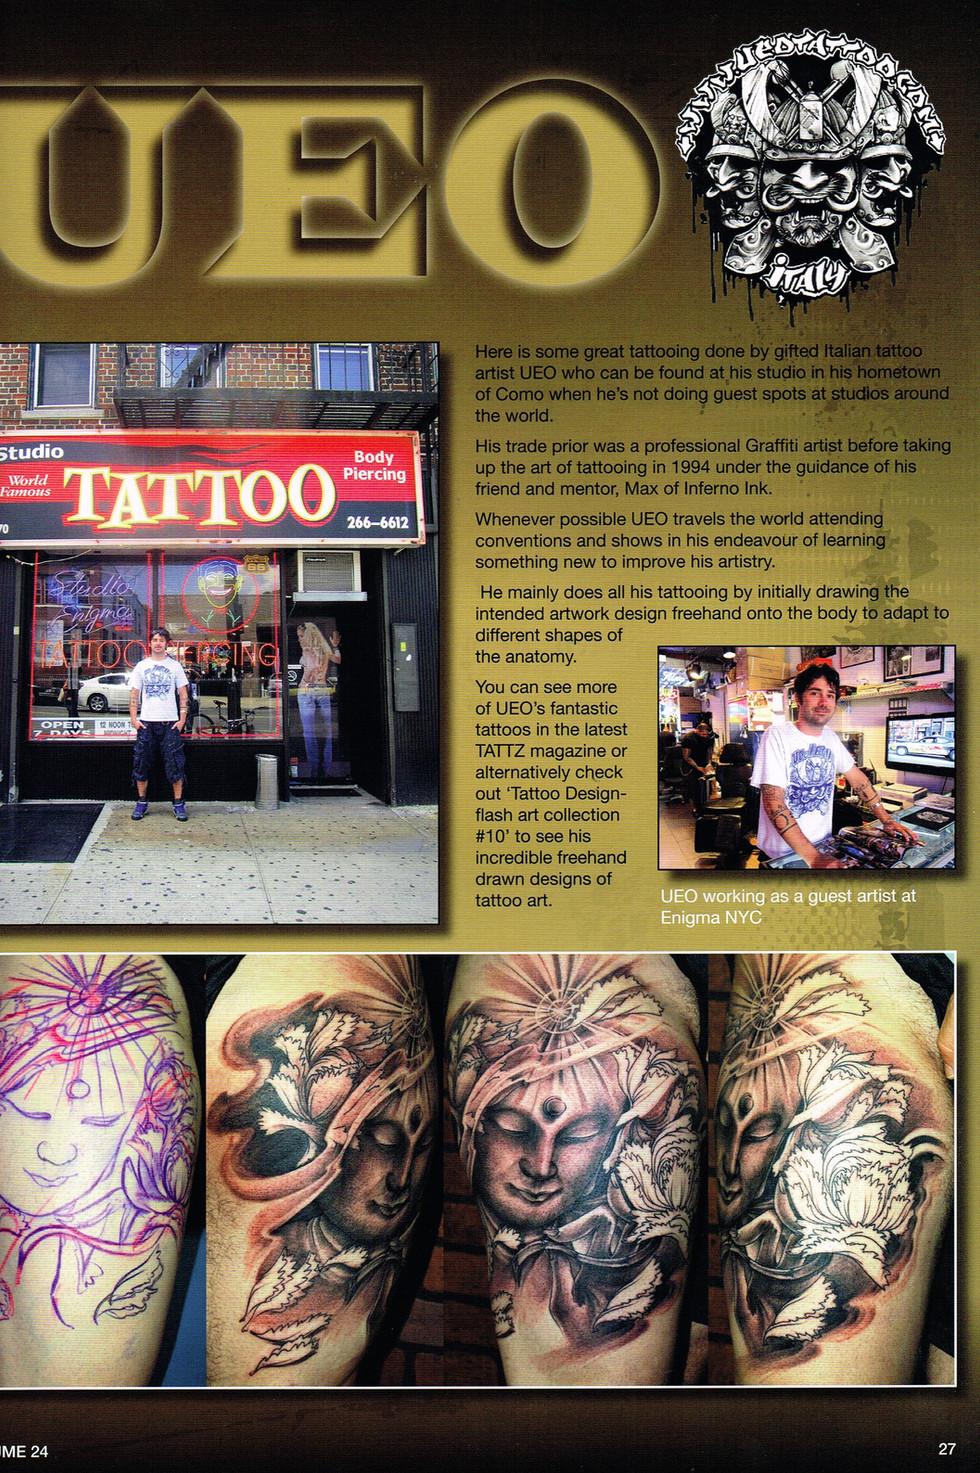 ueo-tattoo-como-tattoo-lugano-tatuaggi-3